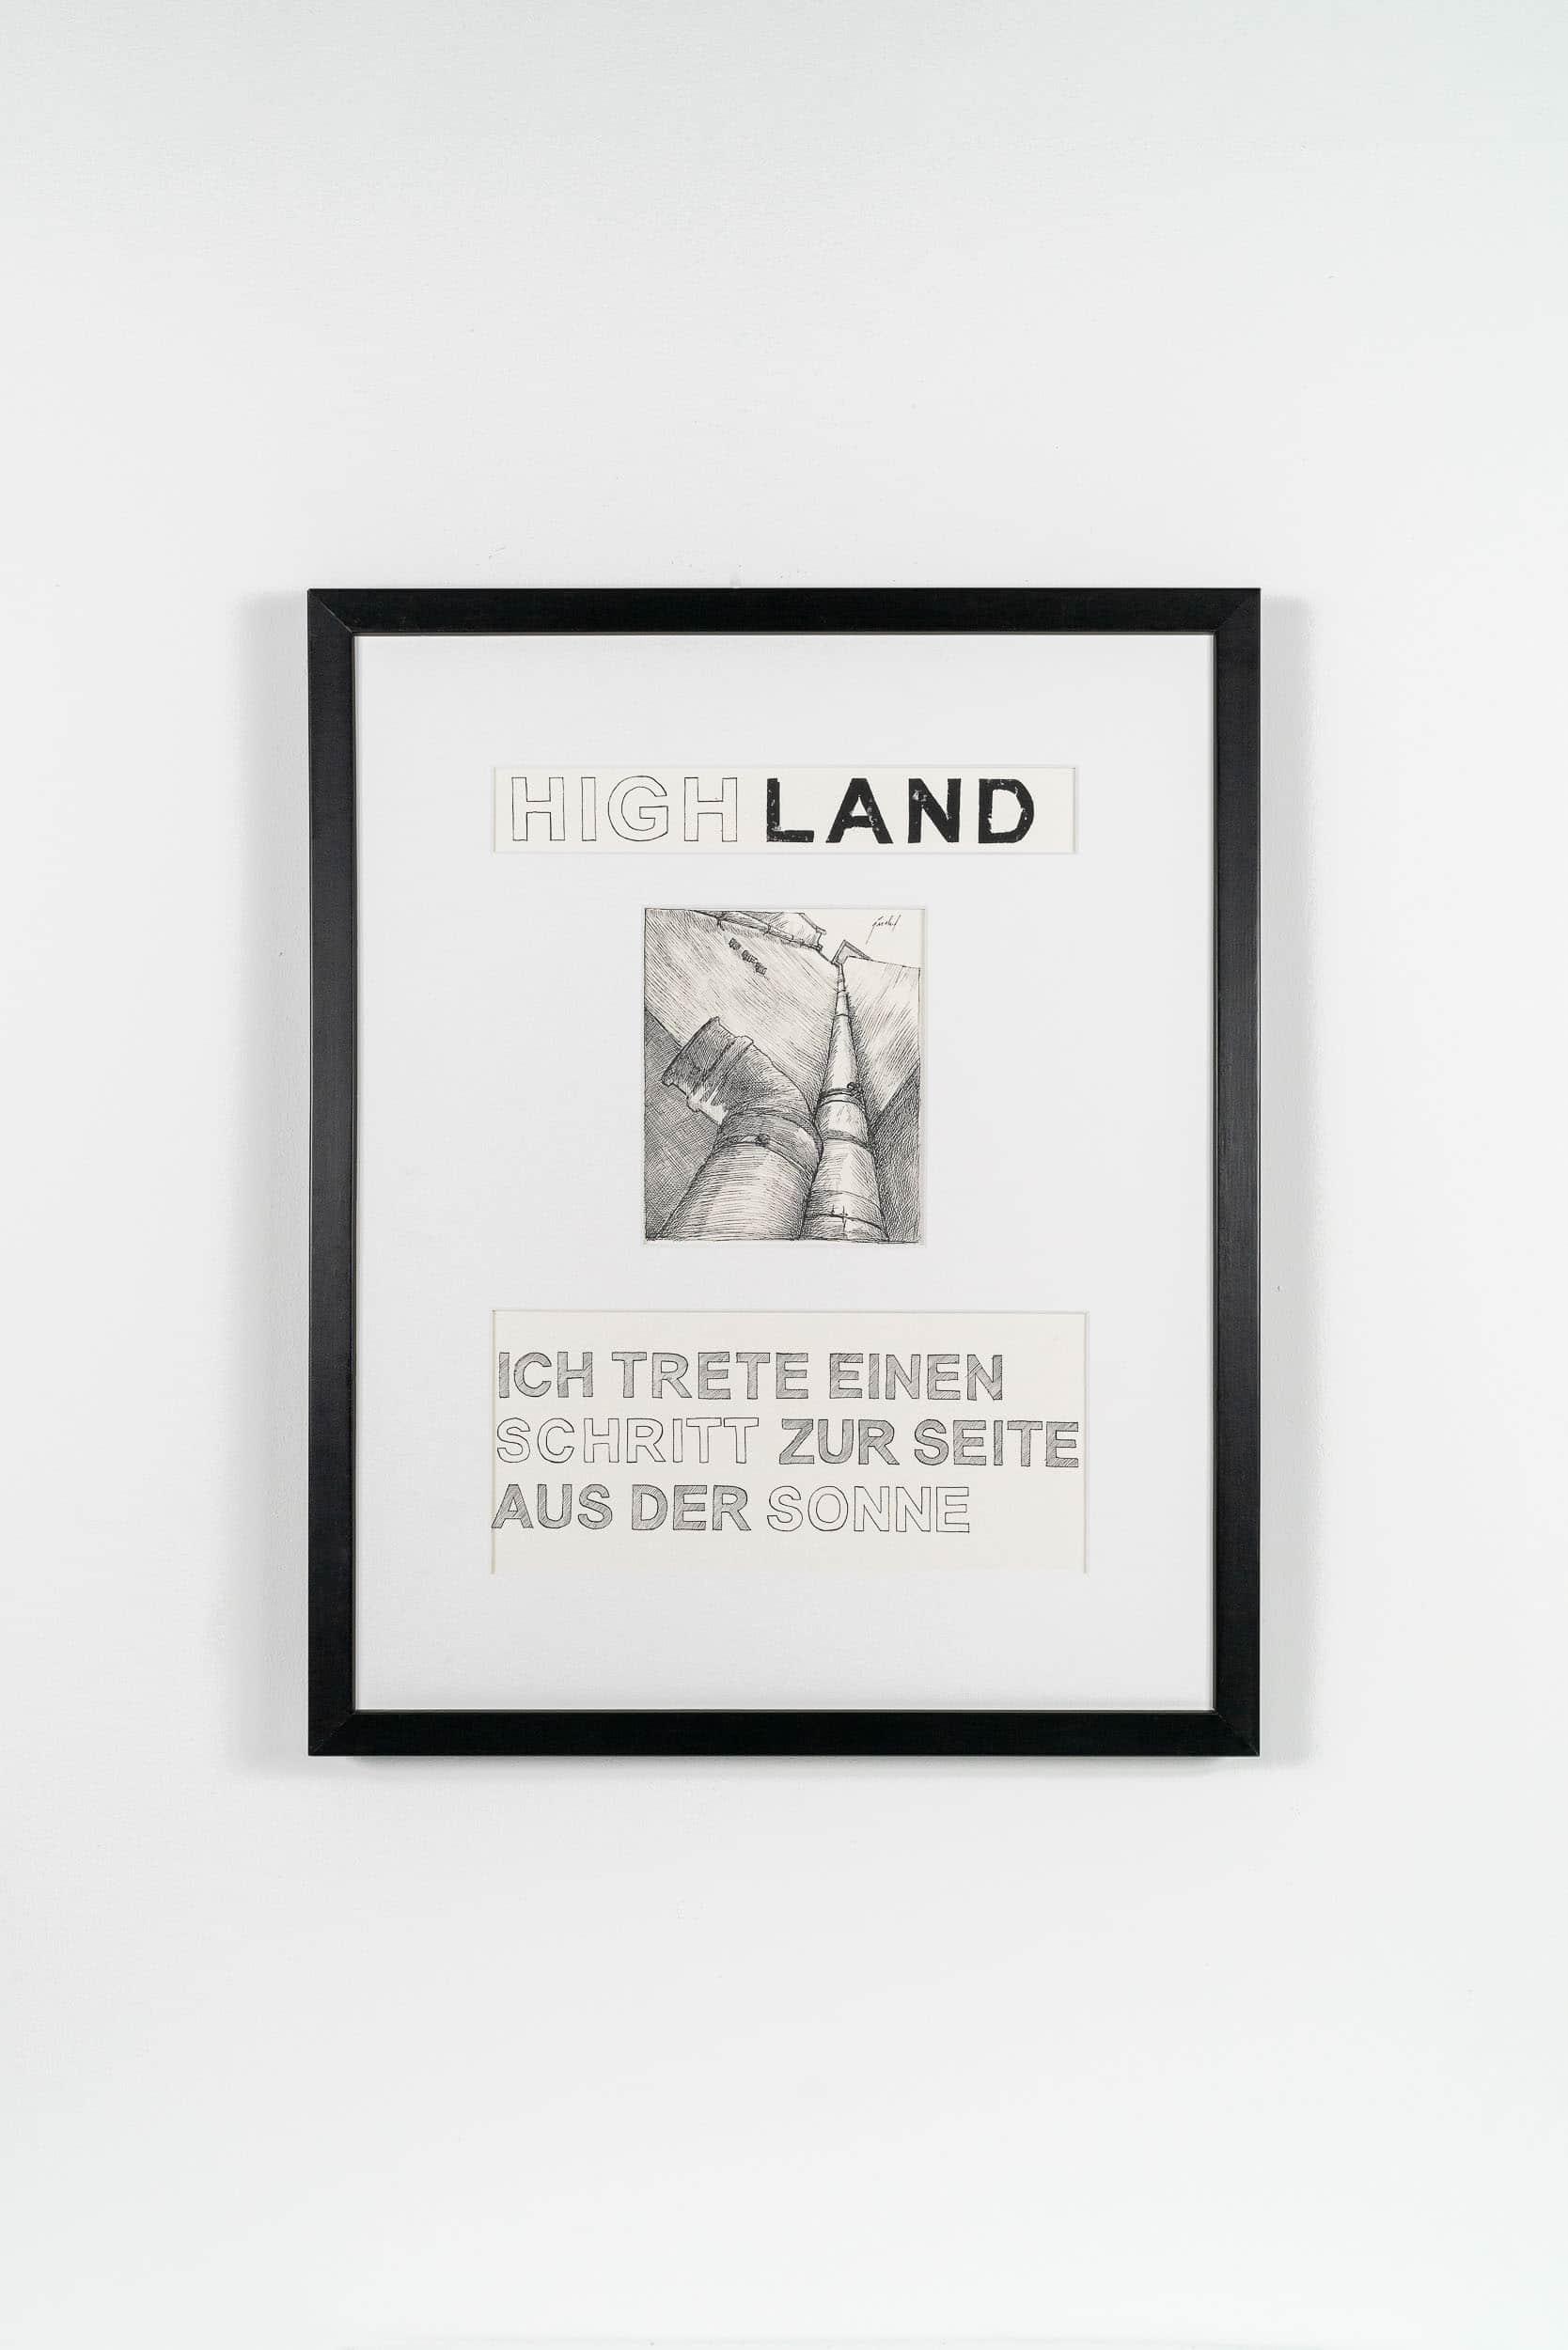 FL01 Highland 40 × 50 cm Papier / Tusche / Holzdruck 2013